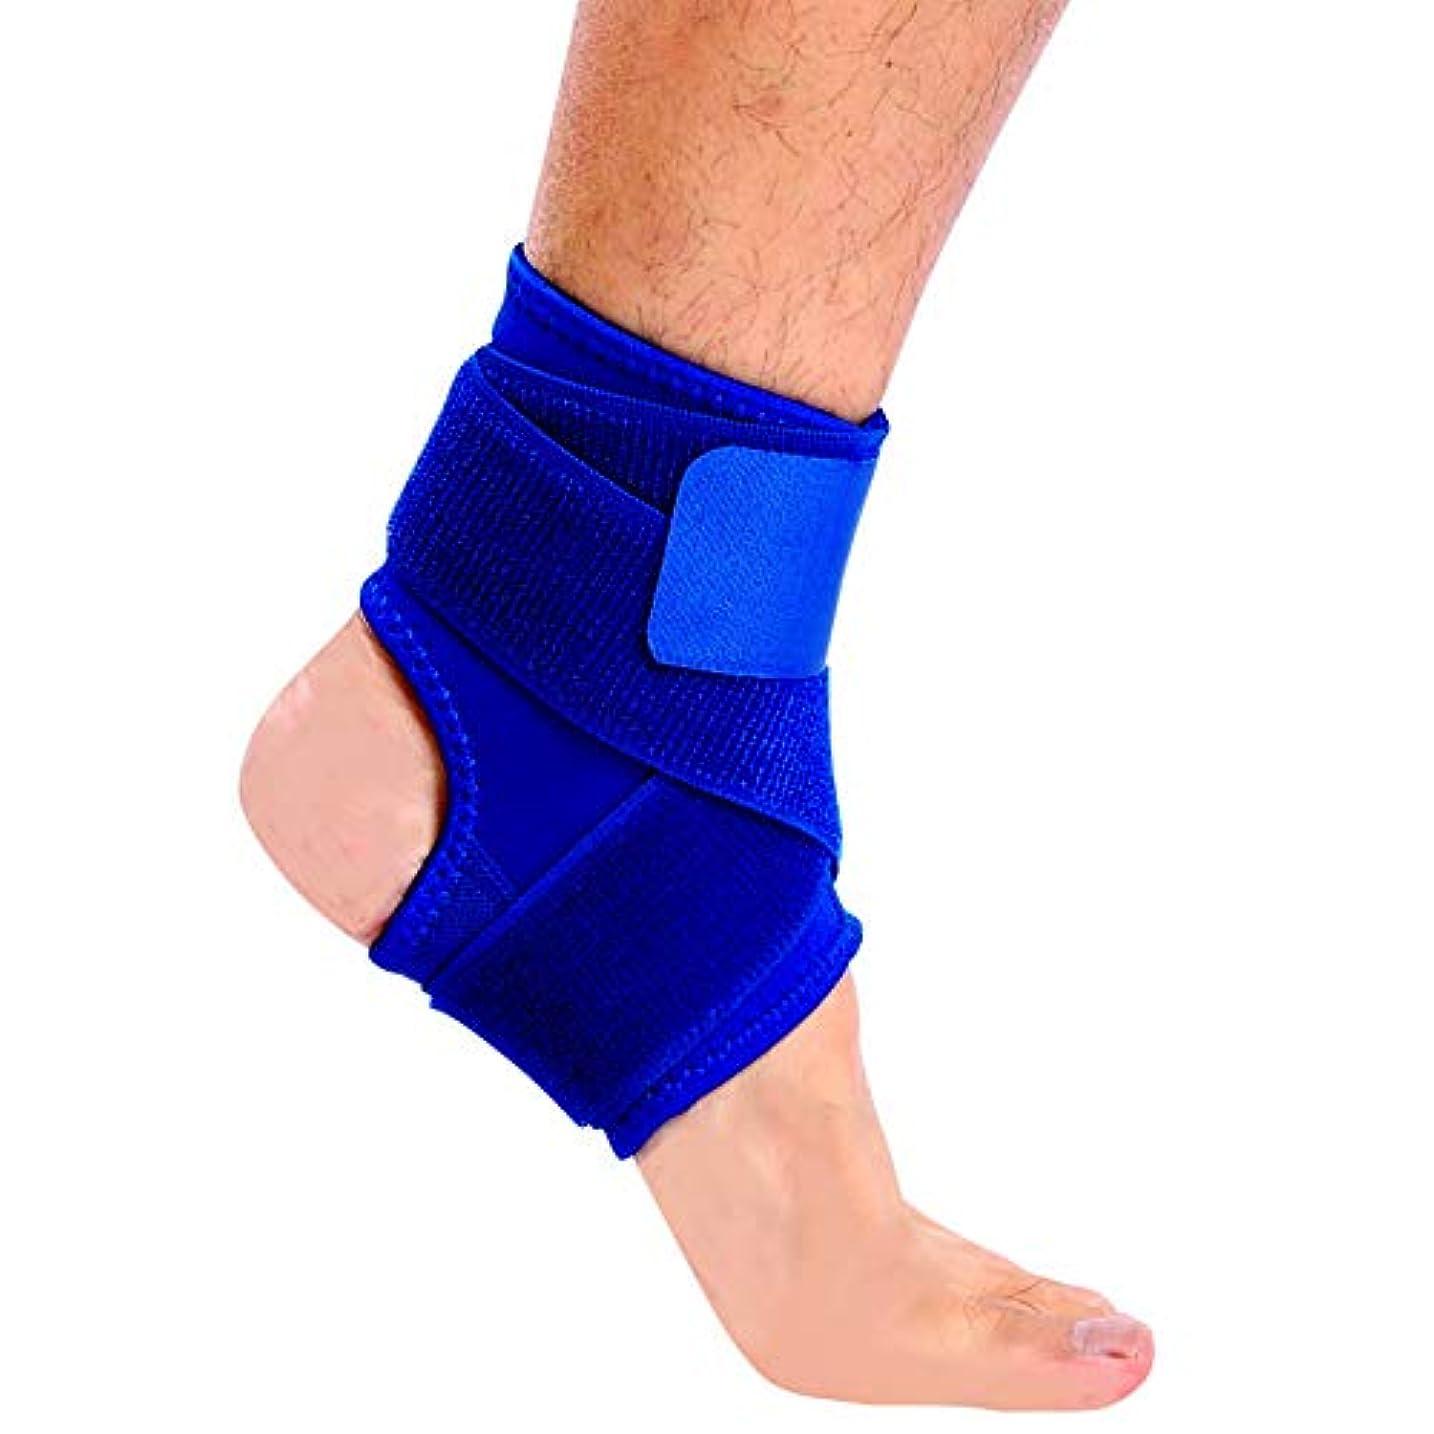 アルカイック上級ただやる足首のサポート、調節可能 ネオプレン素材、運動に適し、慢性的な足首の負担を防ぐ、捻挫の疲労など